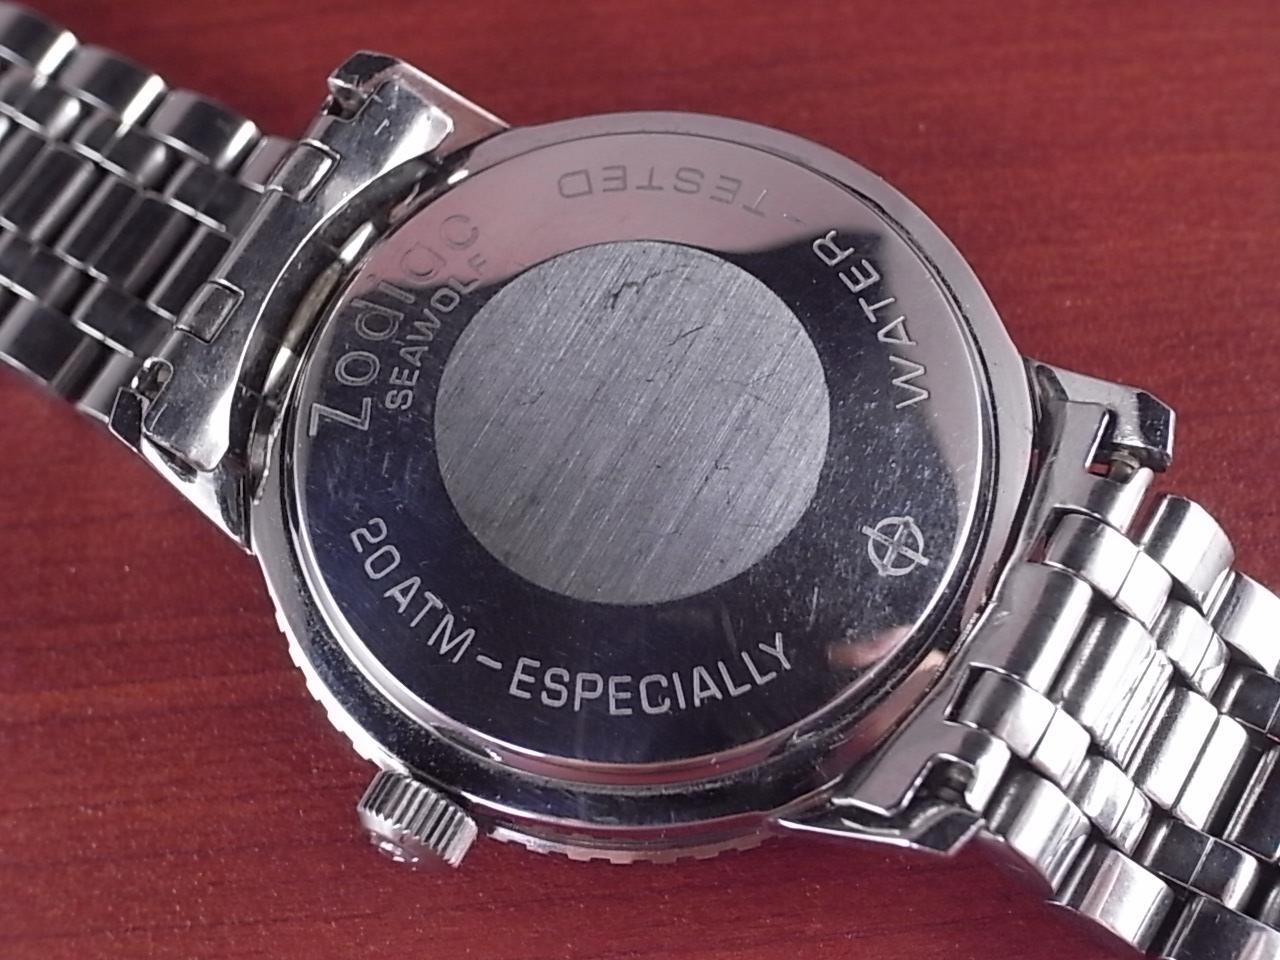 ゾディアック シーウルフ ブルーダイアル レーシングベゼル 1960年代の写真4枚目